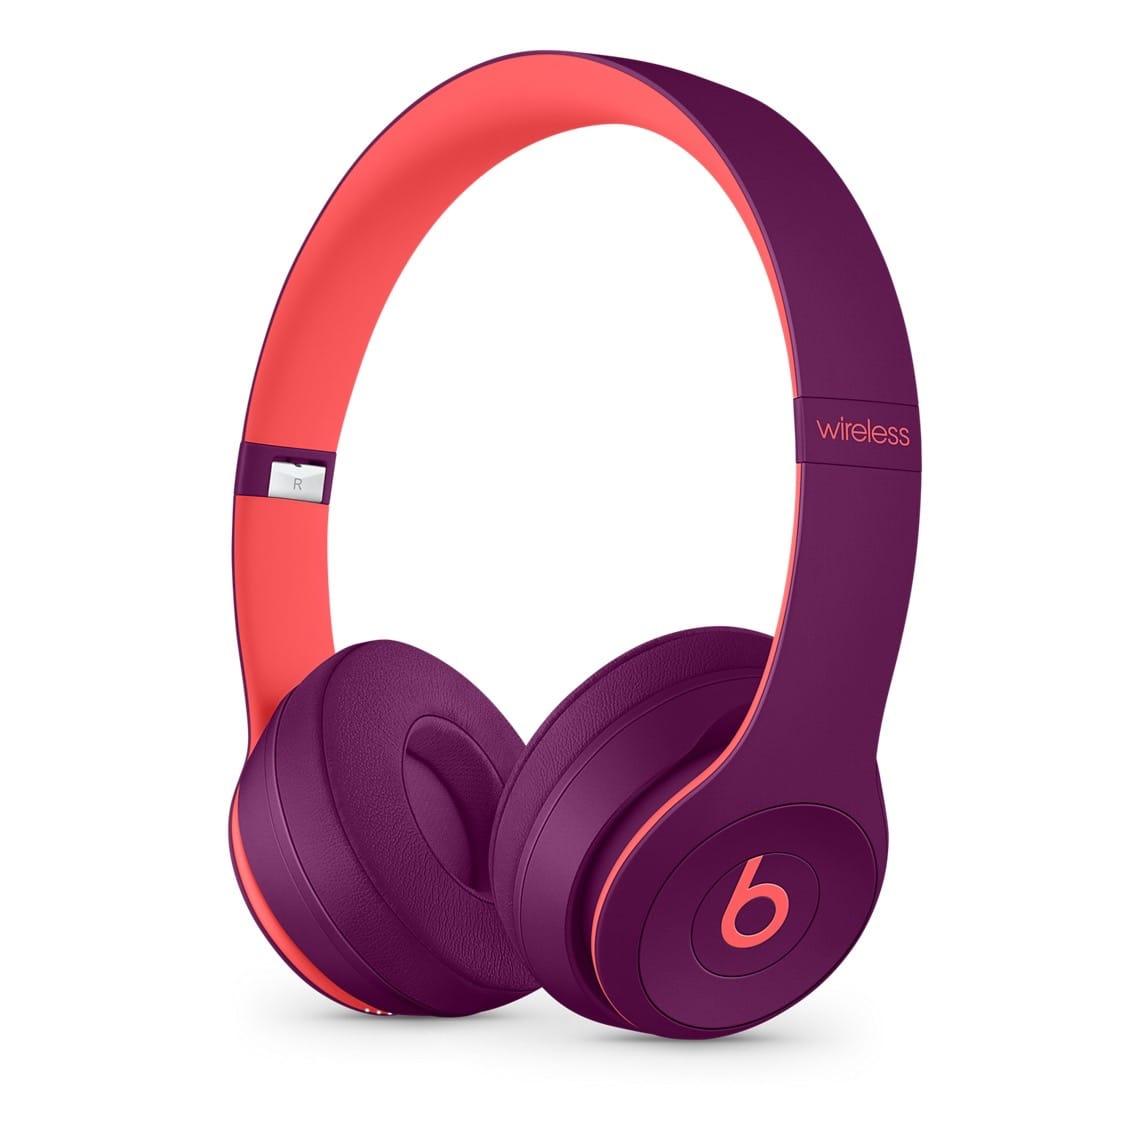 Beats wireless headphones hinge - purple beats headphones solo 3